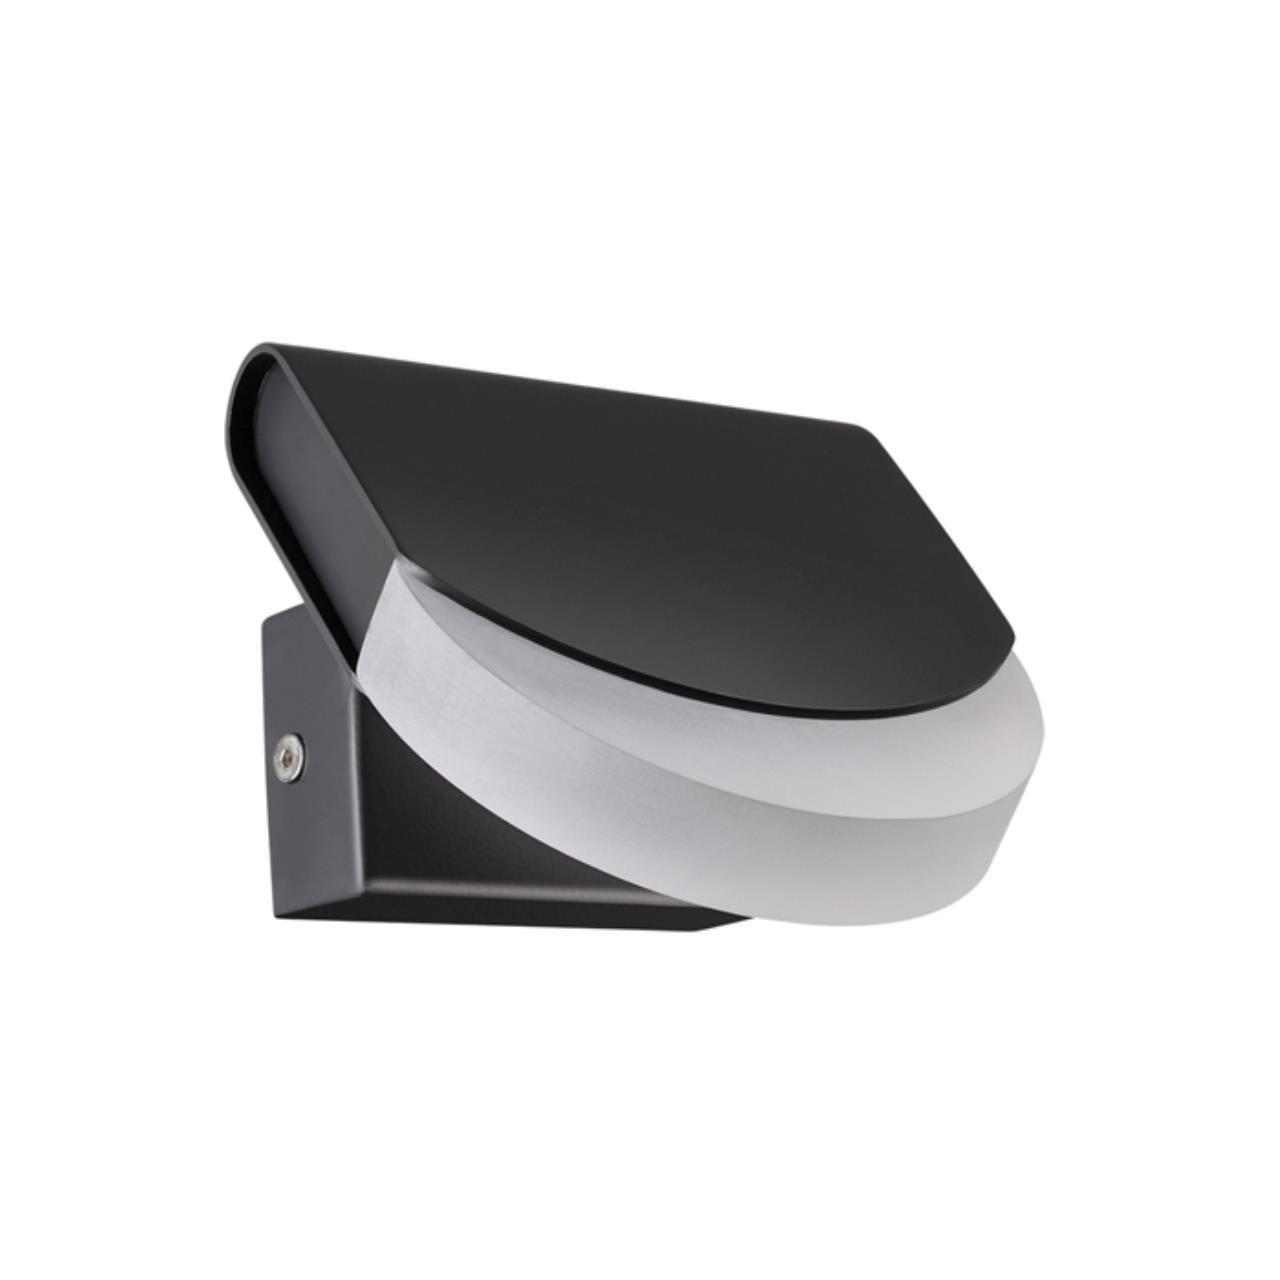 3861/6WB L-VISION ODL19 51 черный Настенный светильник LED 6W 390Лм 3000К 220V REBEL